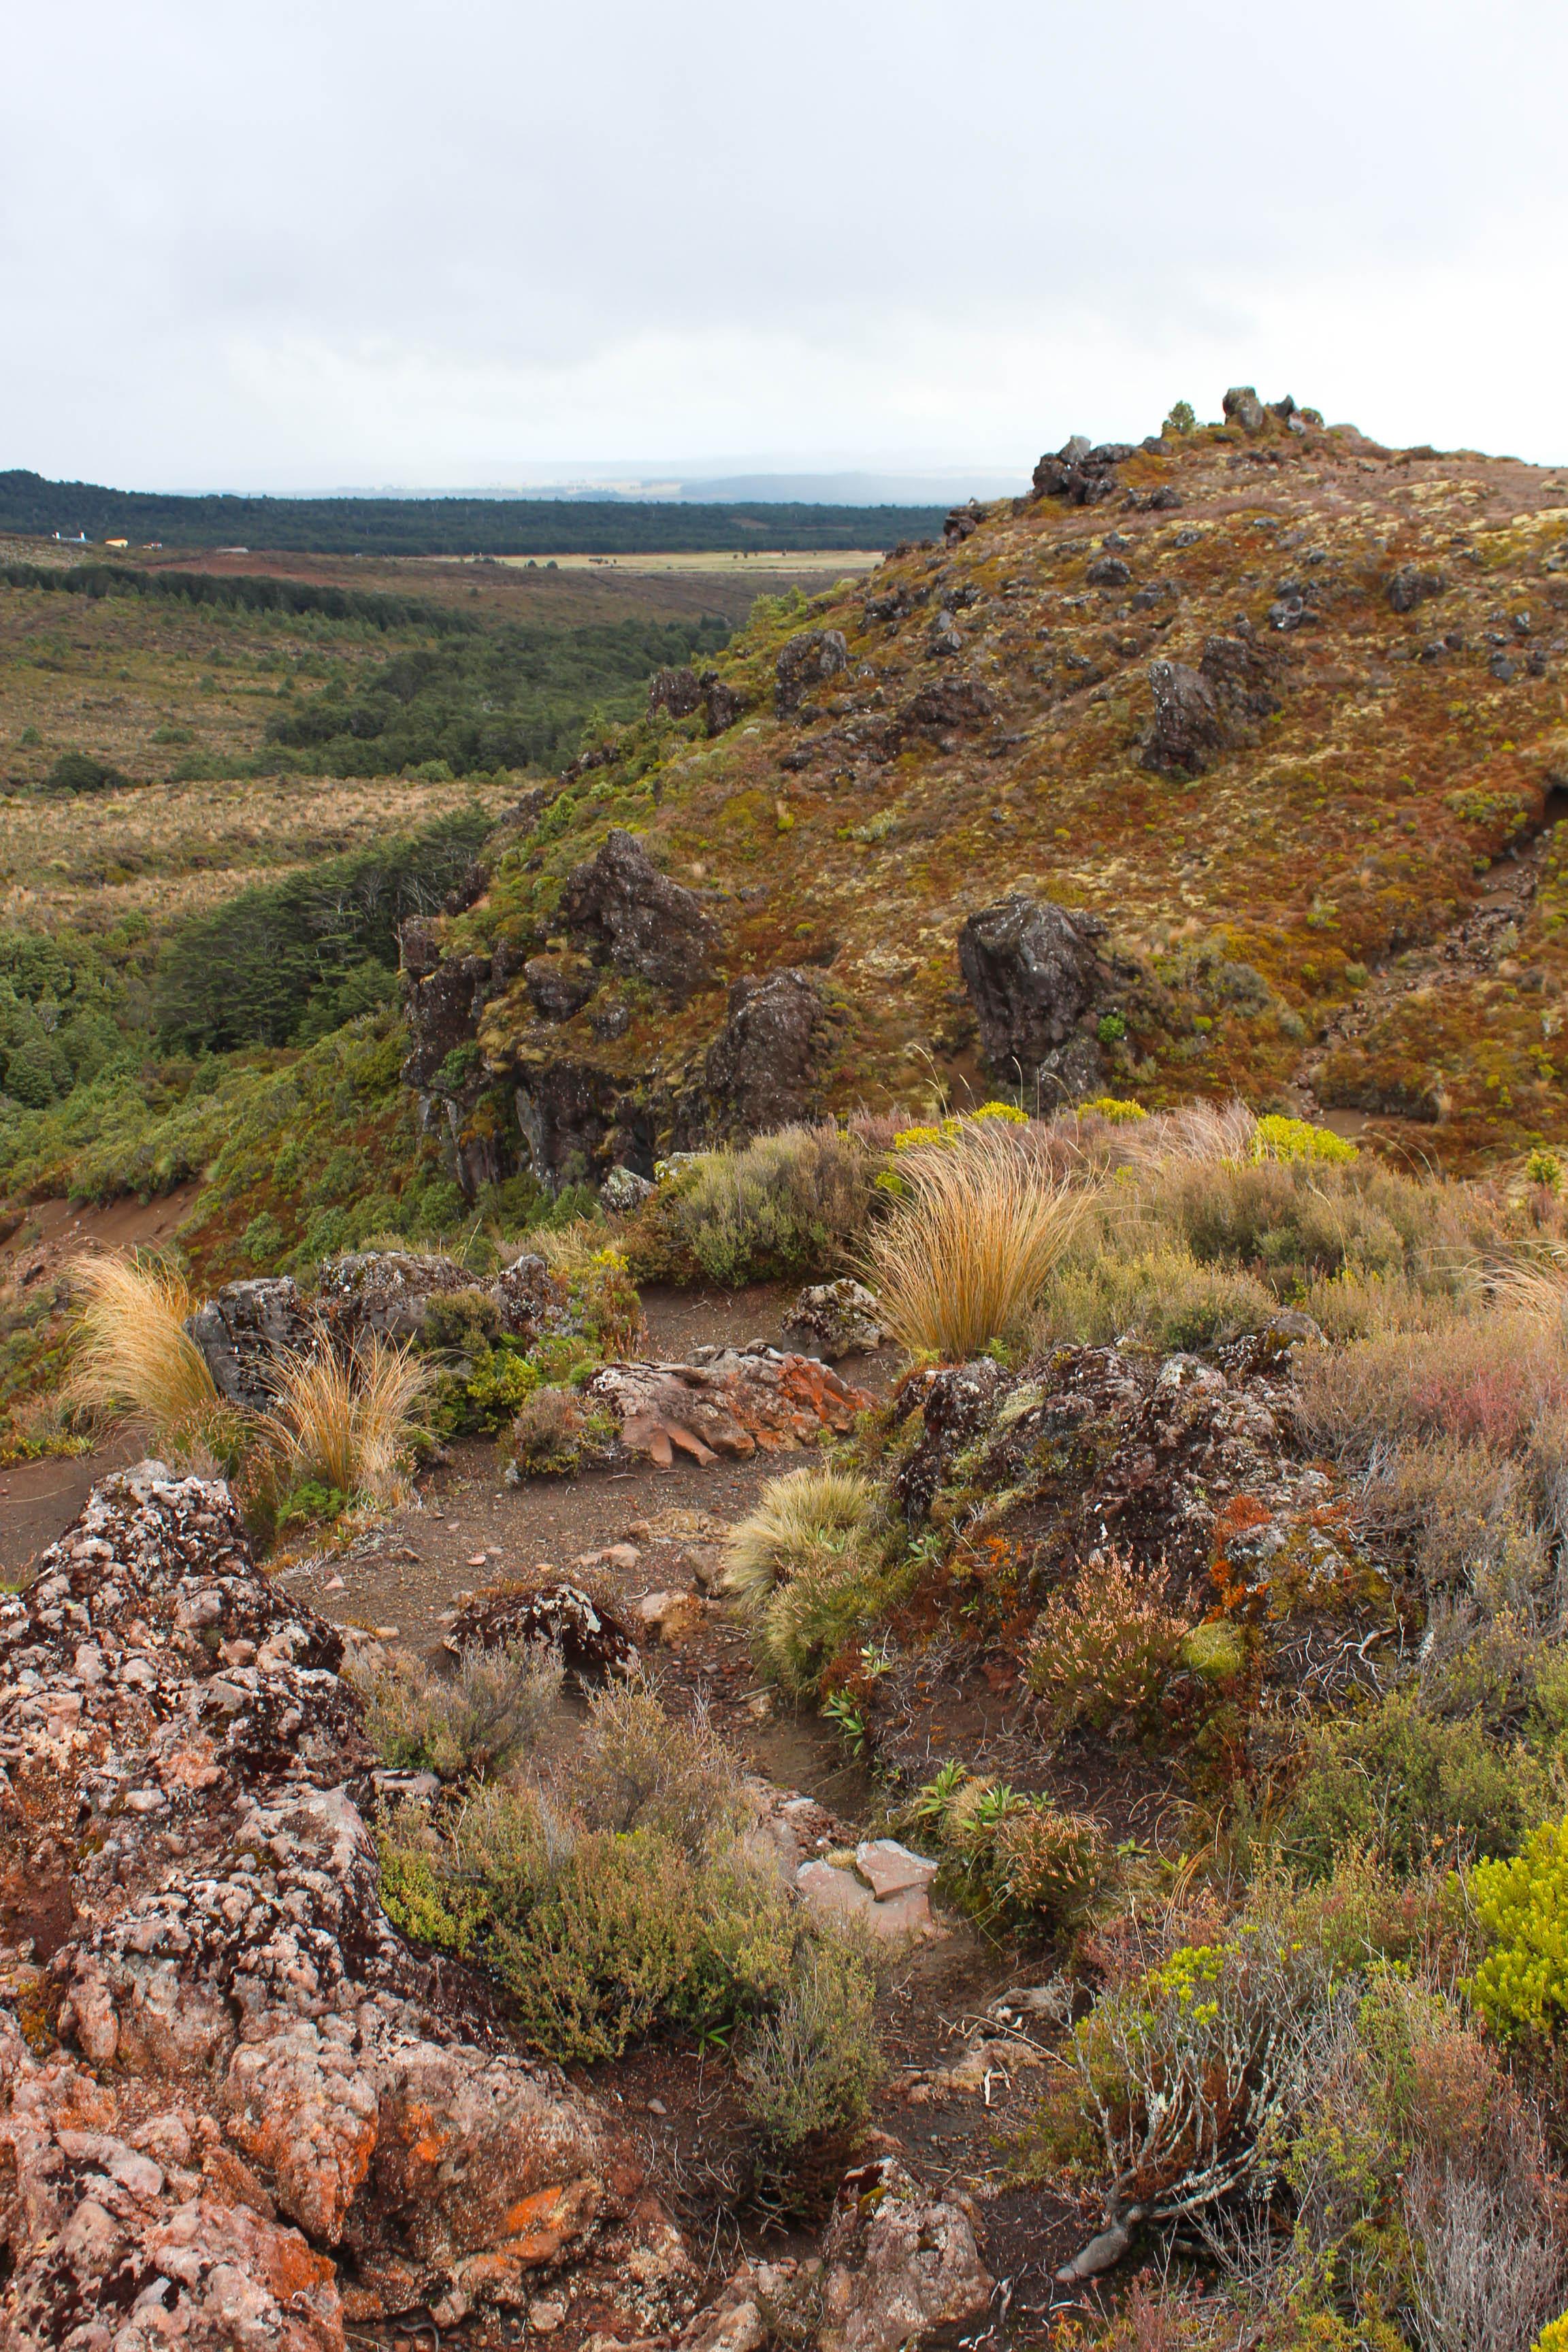 Nouvelle Zélande - Tongariri national parc - Les lubies de louise (17 sur 25)